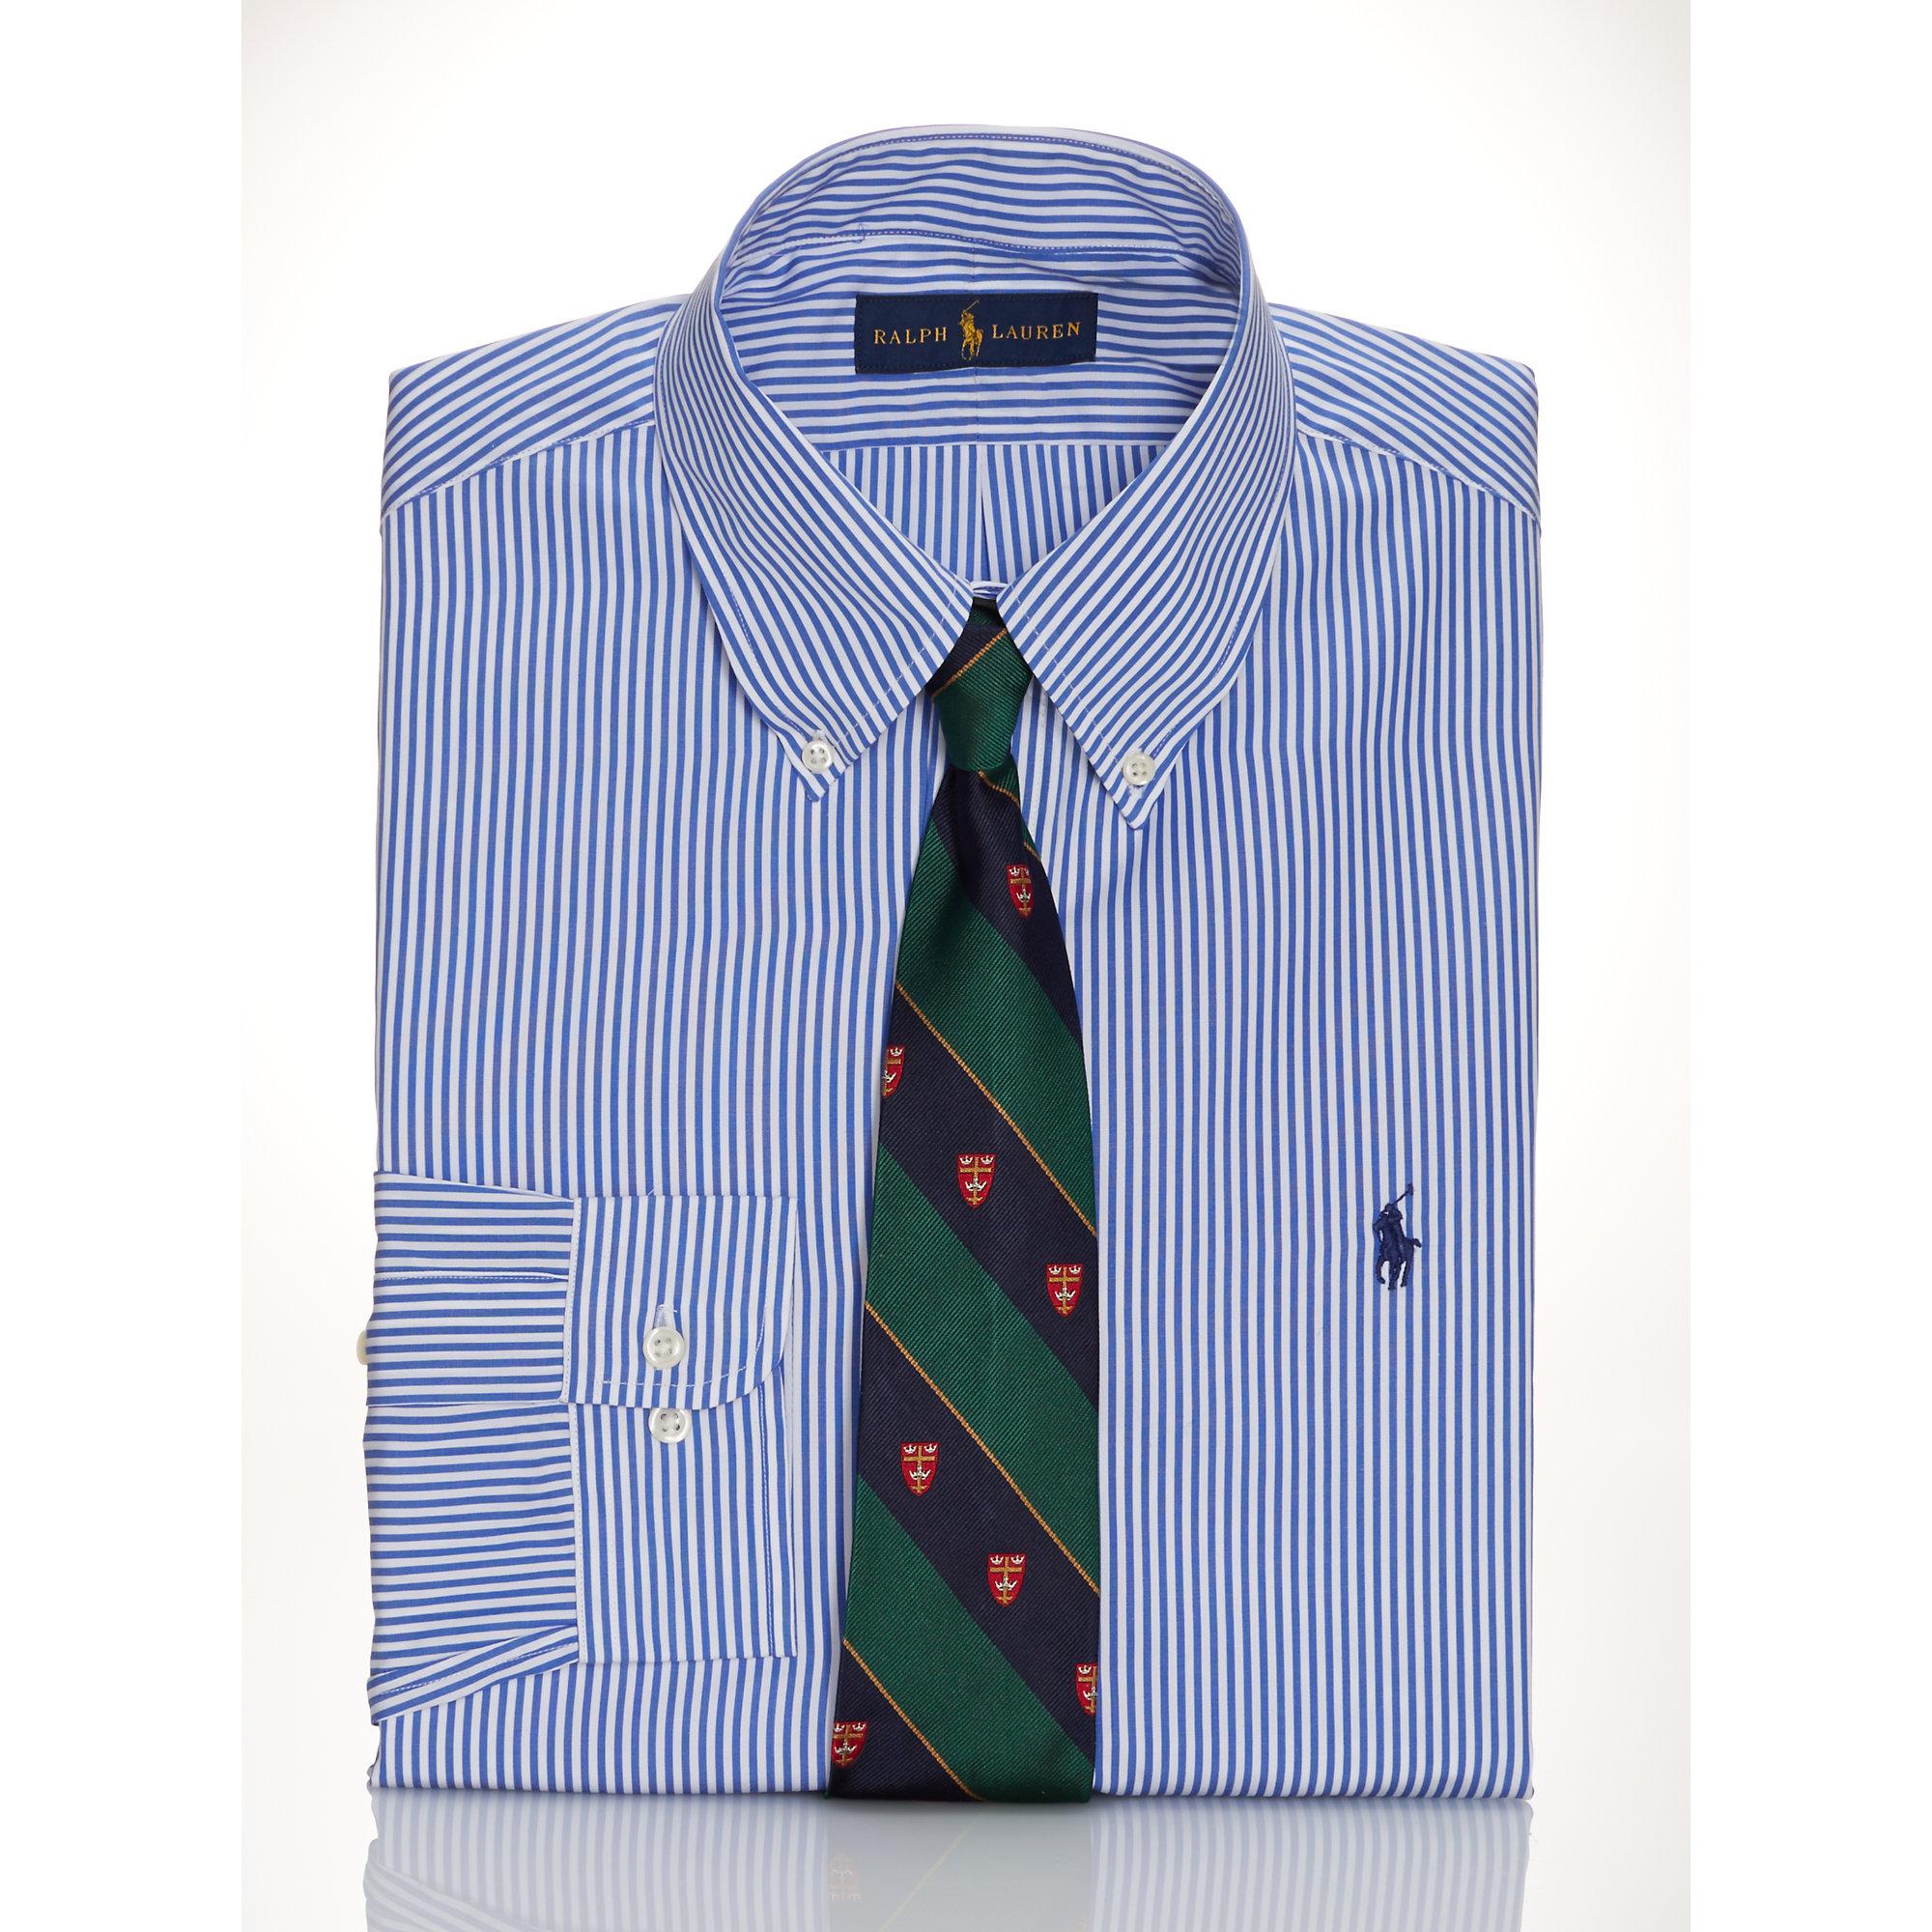 ralph lauren slim fit striped poplin shirt in blue for men blue white. Black Bedroom Furniture Sets. Home Design Ideas